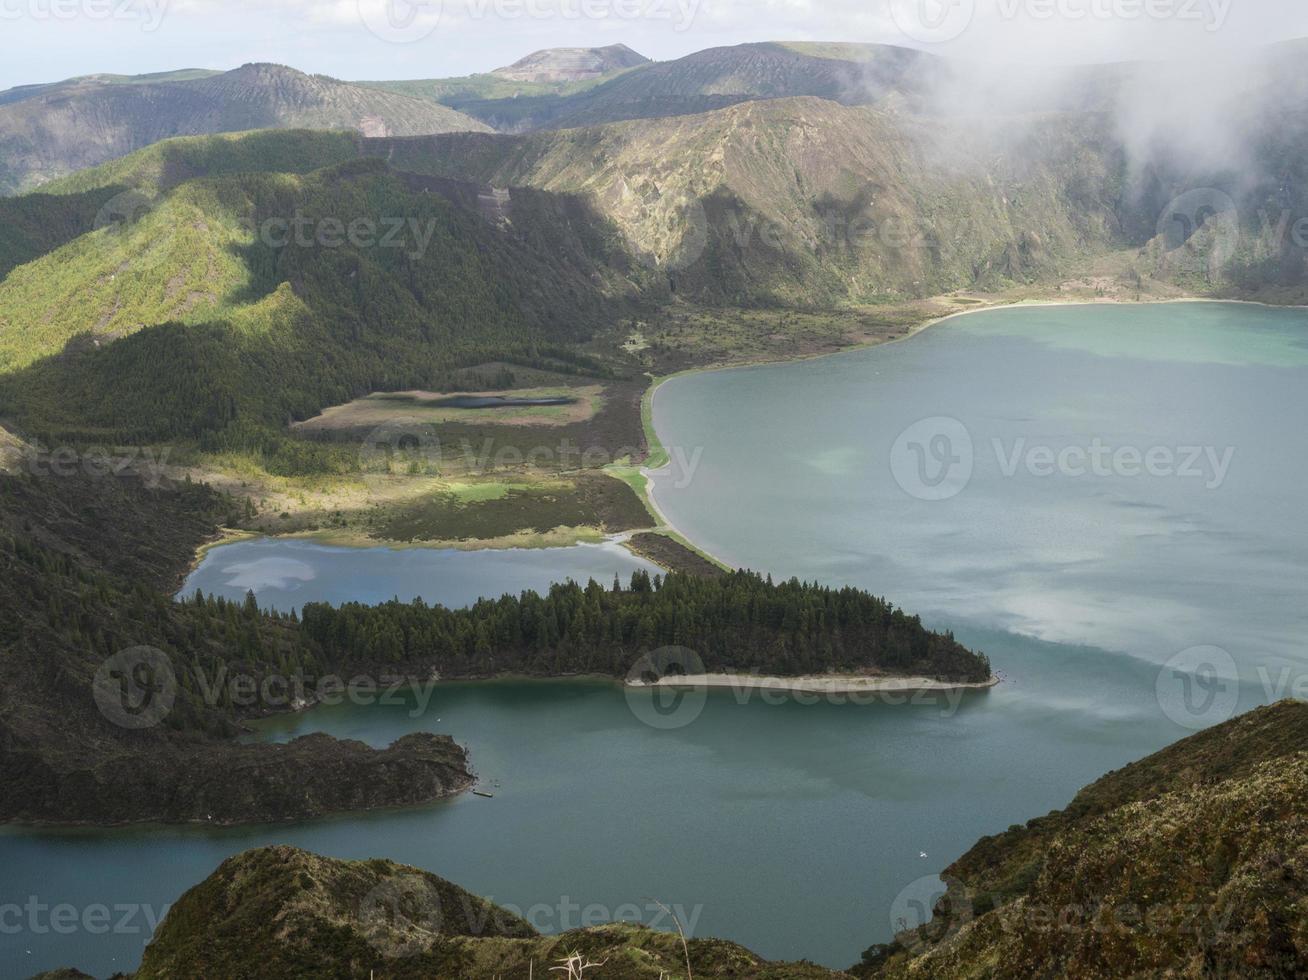 lagoa azul lago, al oeste de la isla s.miguel, las azores foto